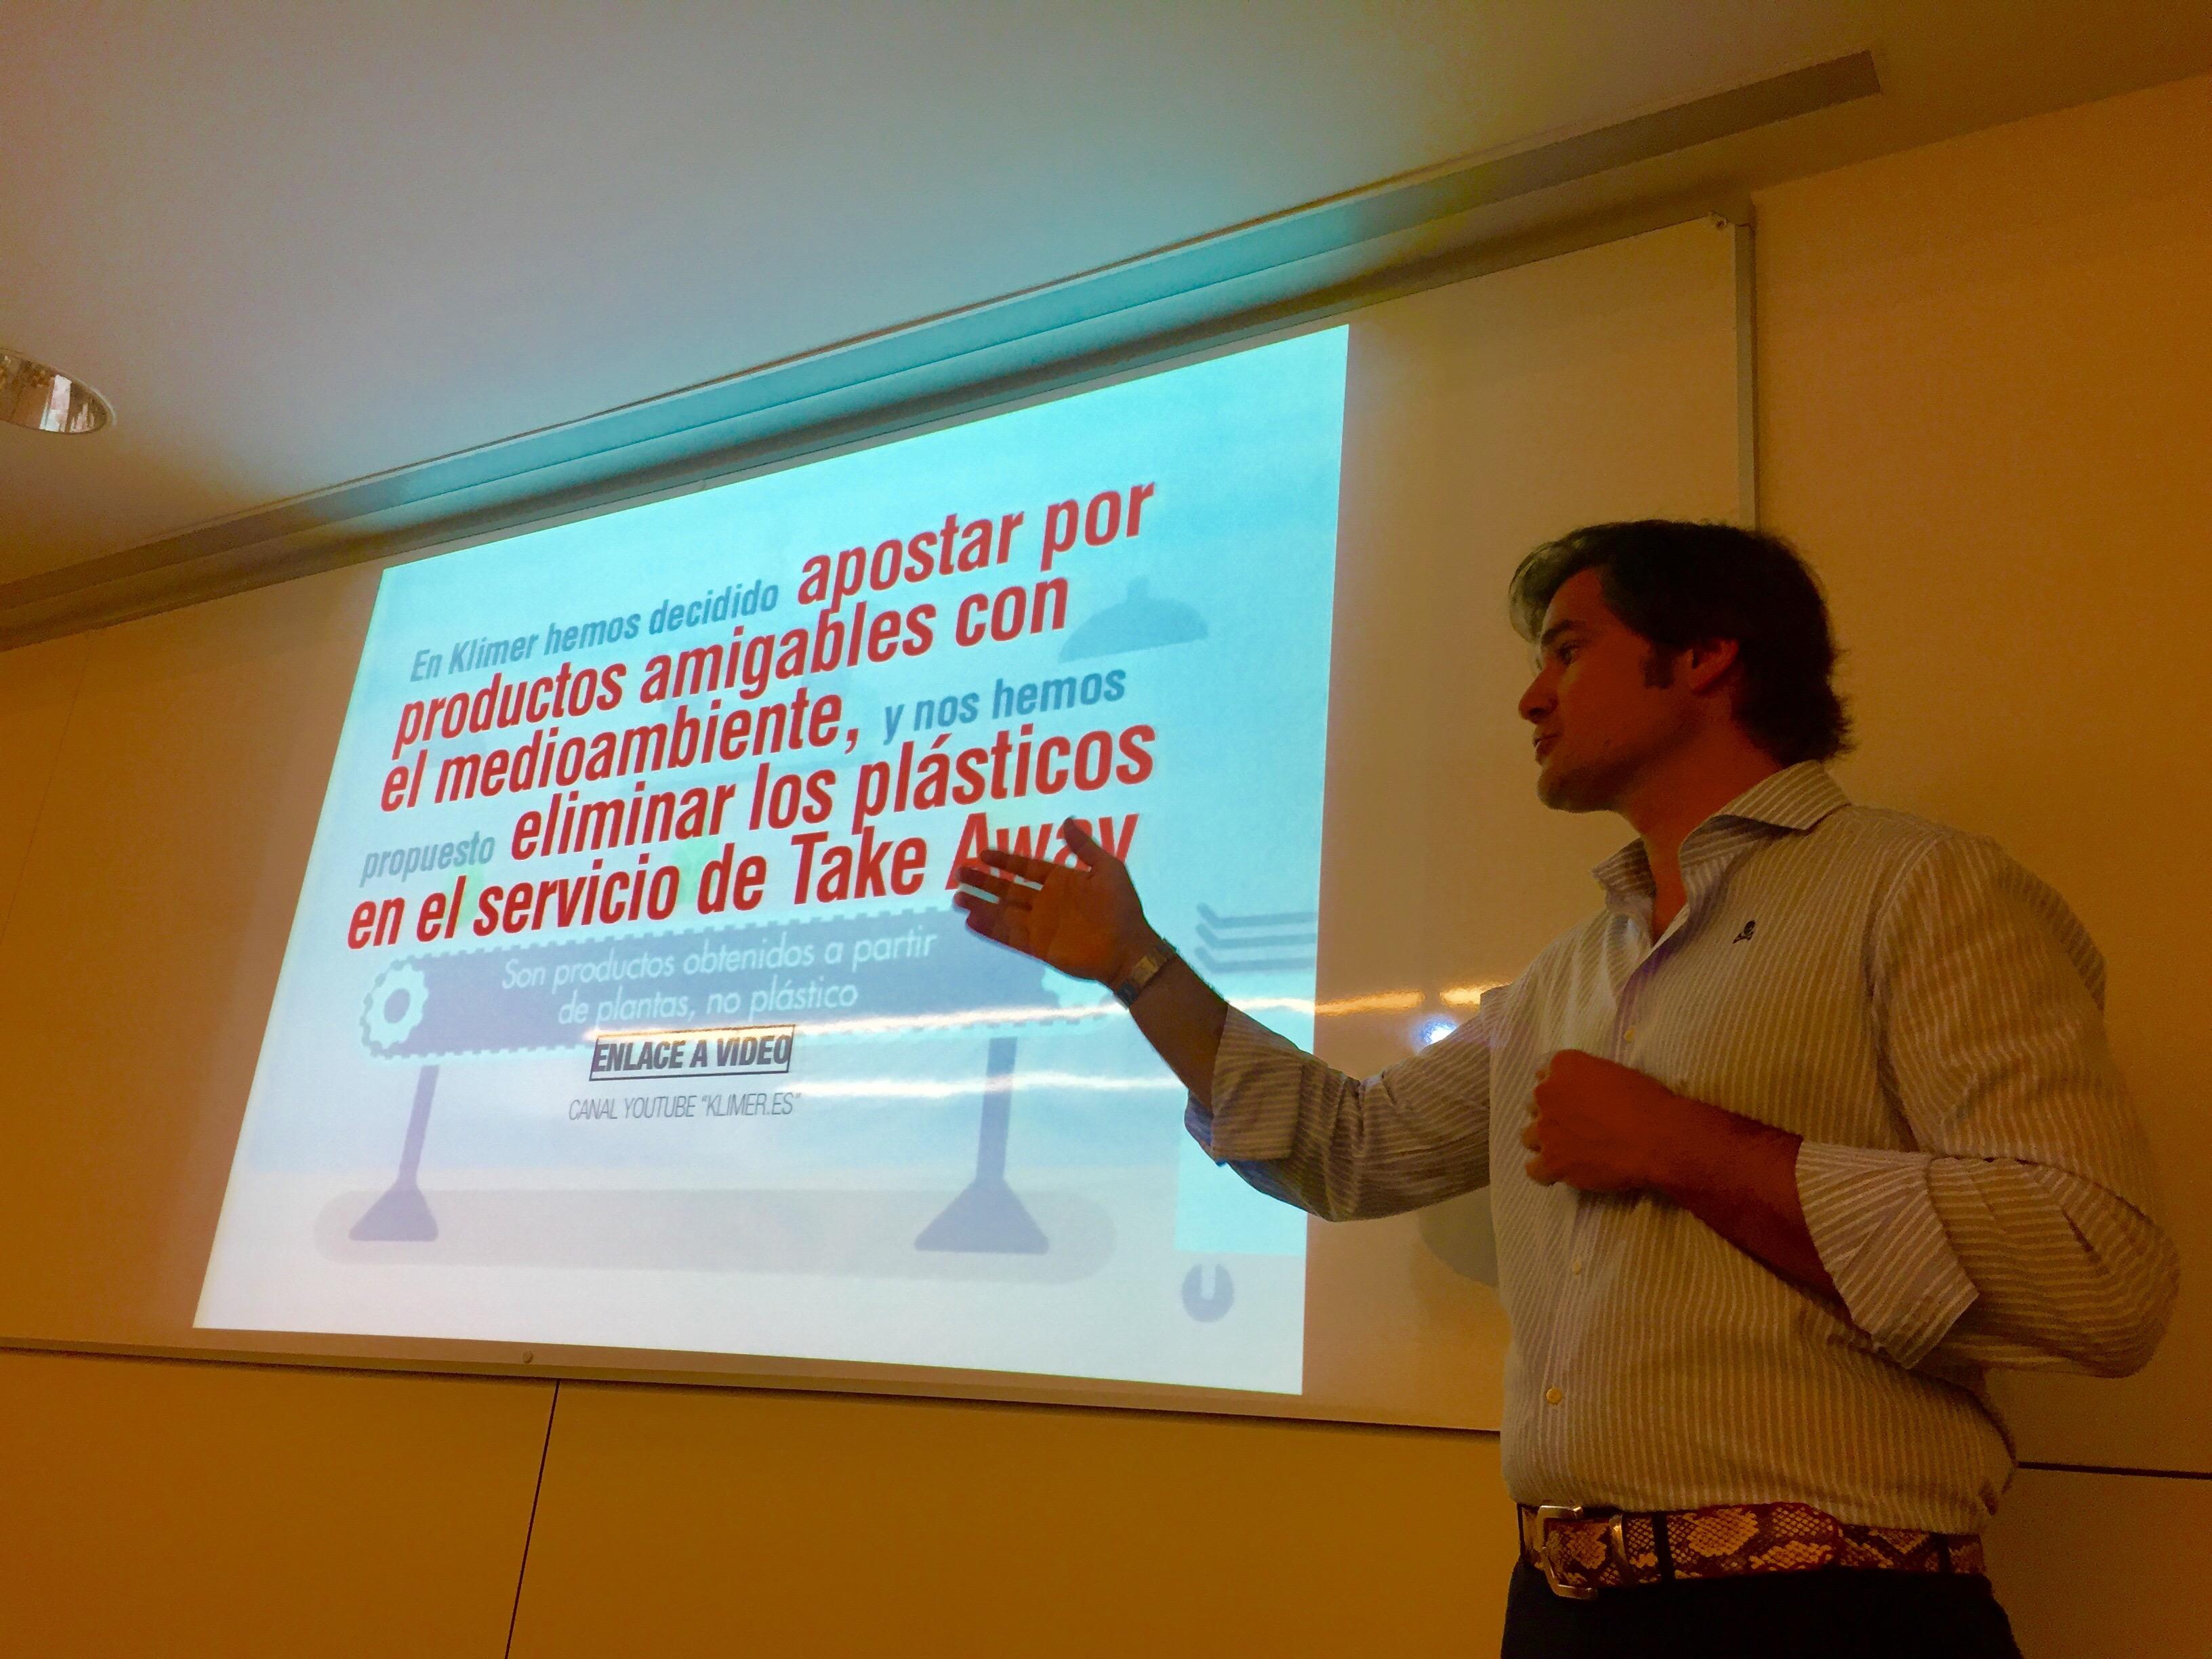 David Ramos expone en el CETT el movimiento BIOKlimer